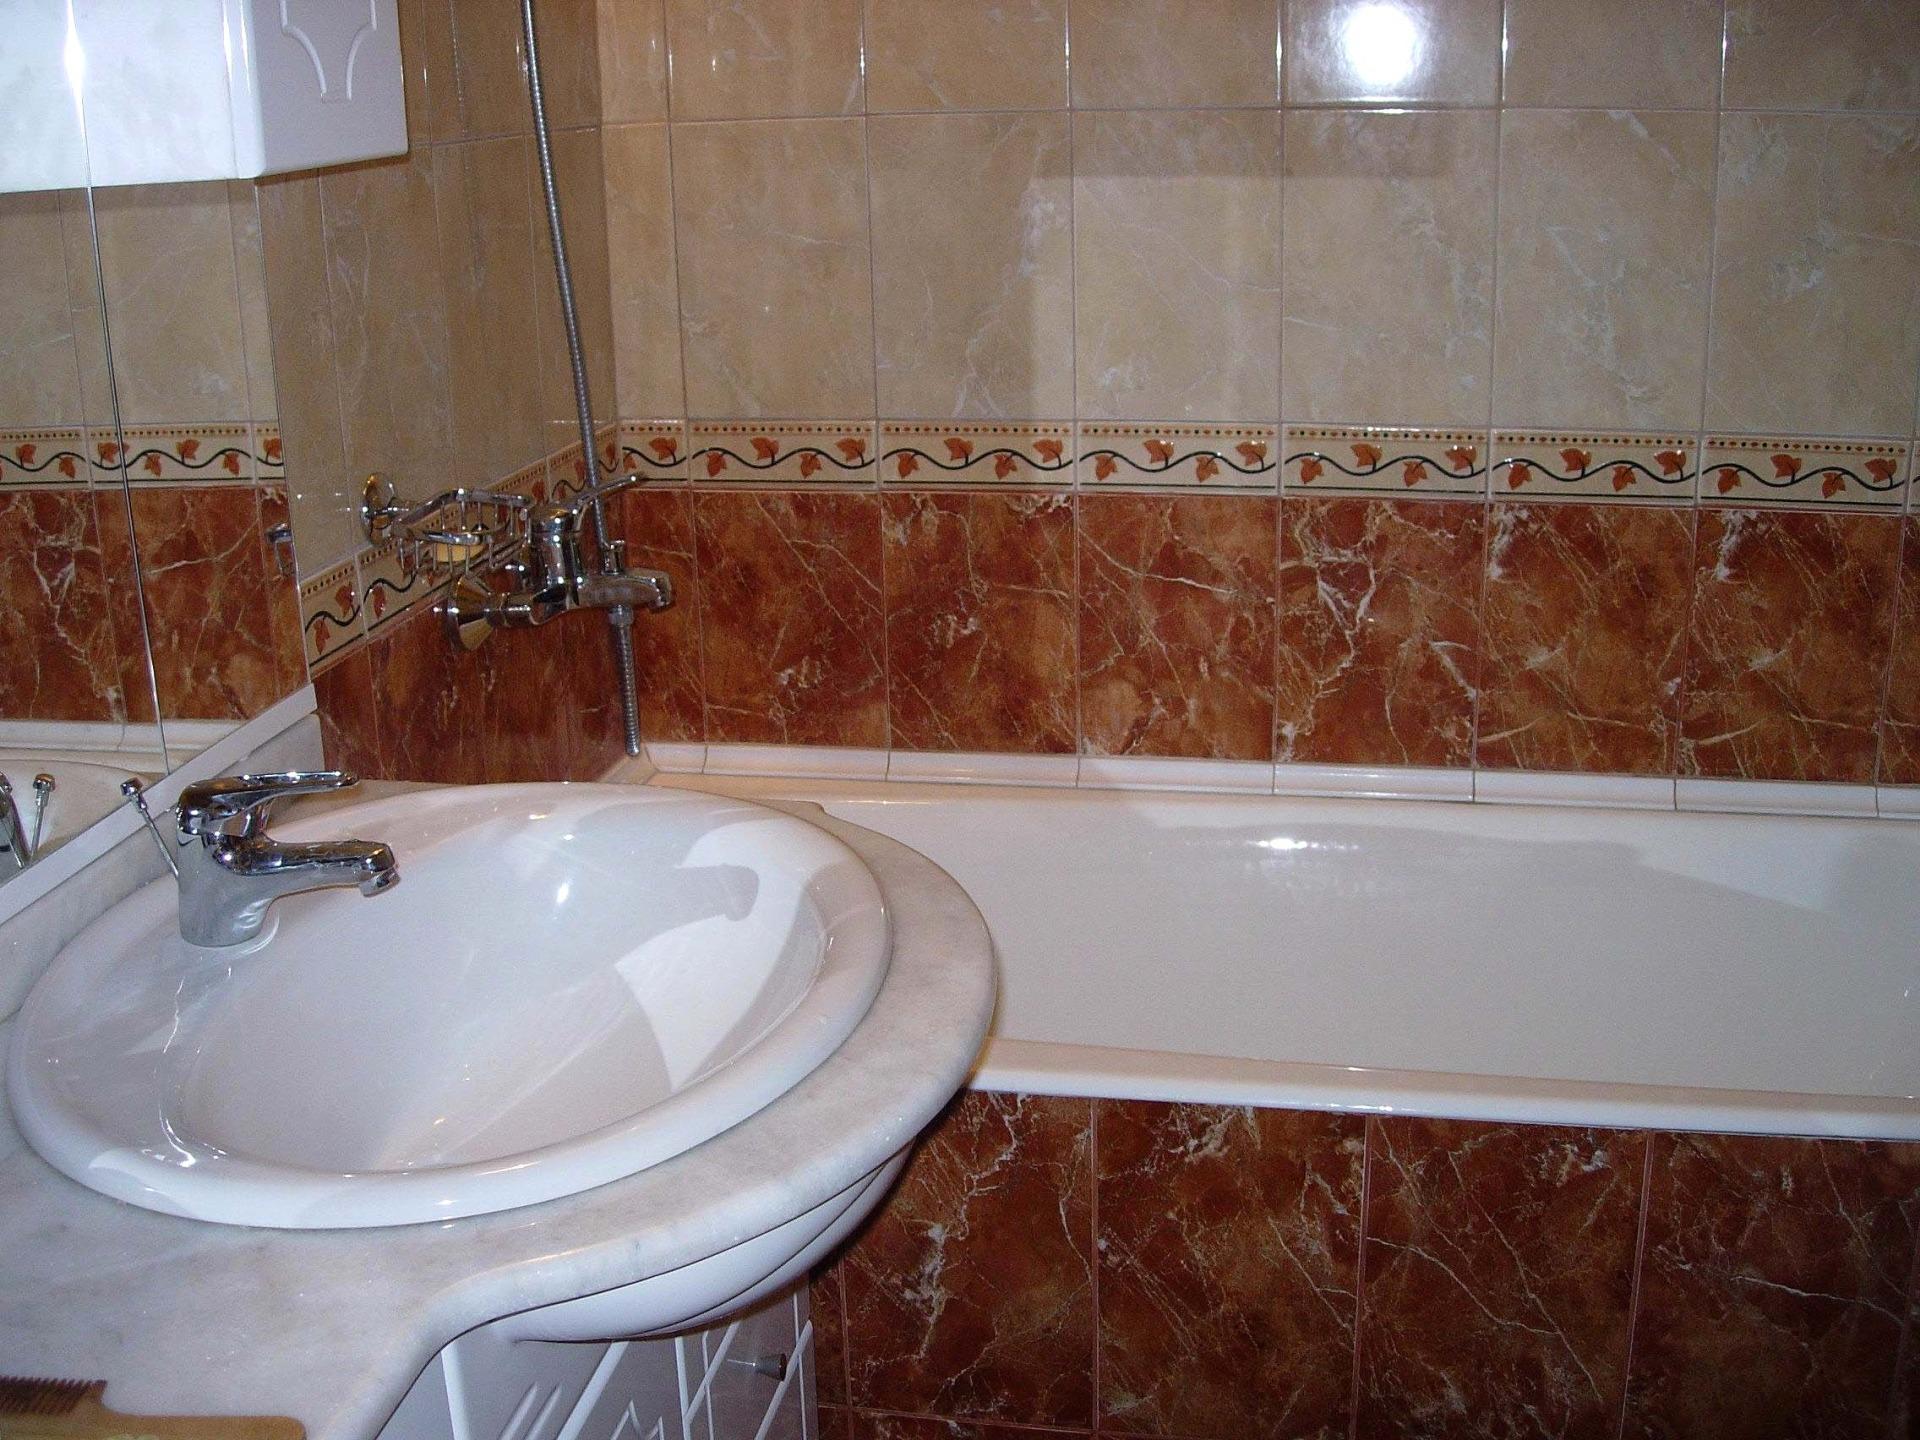 Ремонт ванной комнаты в Кропоткине Гулькевичи отделка